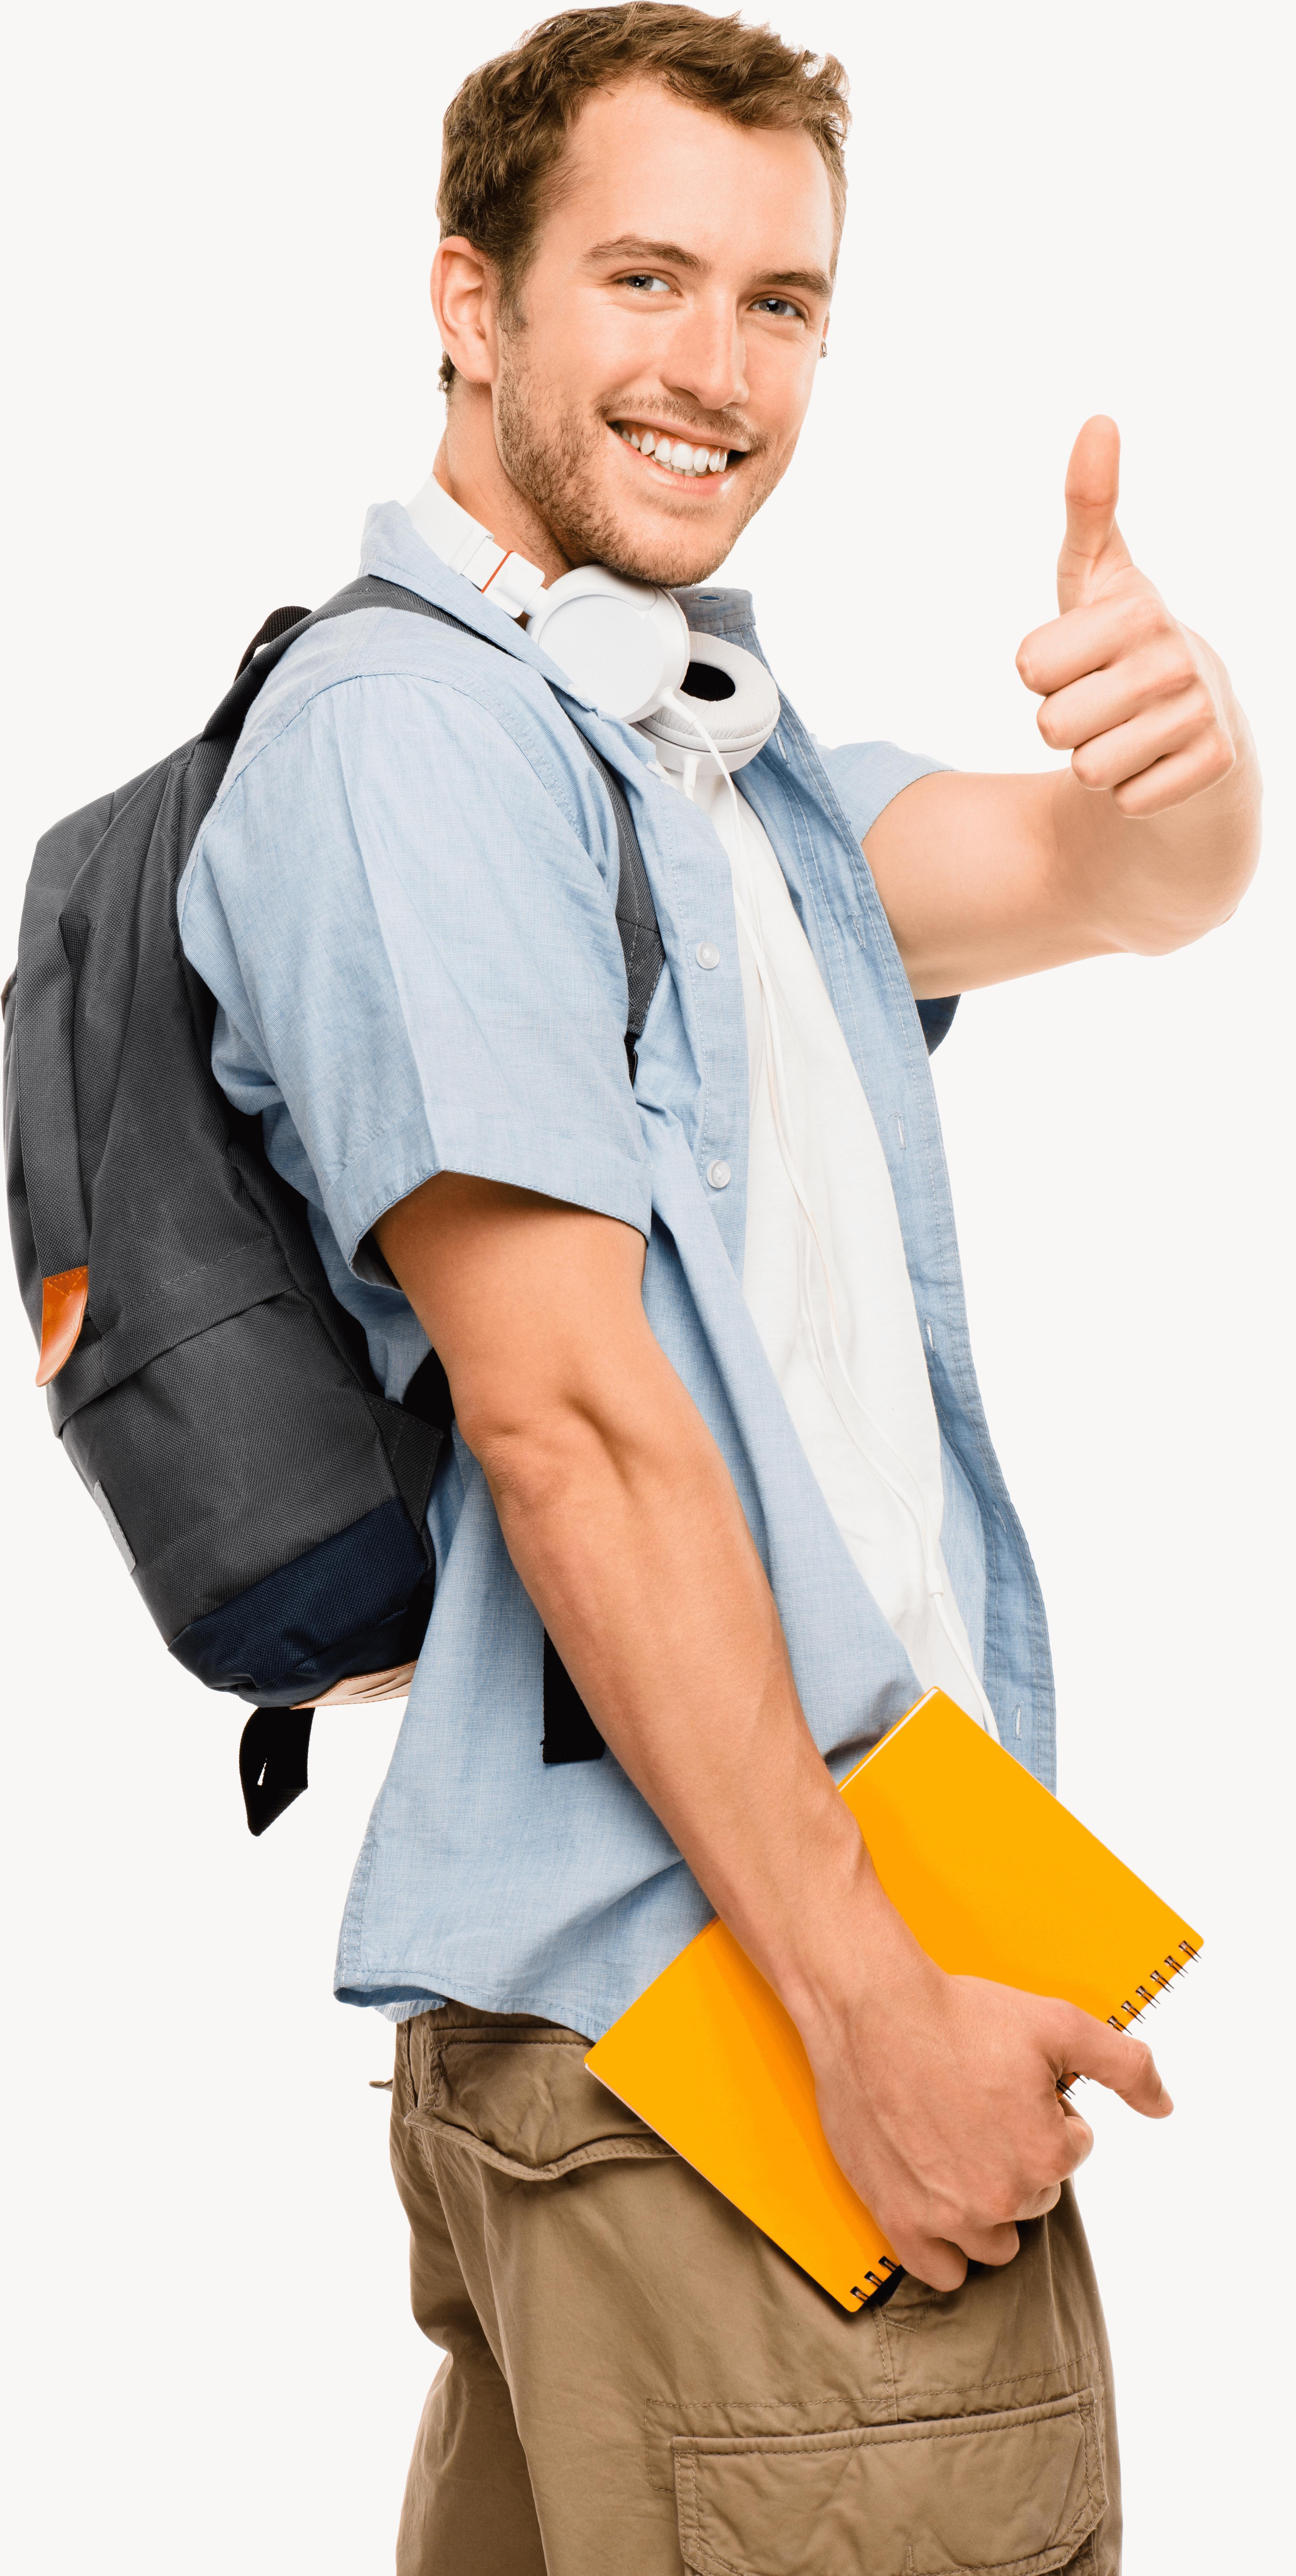 בחינה עם חומר בטוח -thumbs-up-student-happy